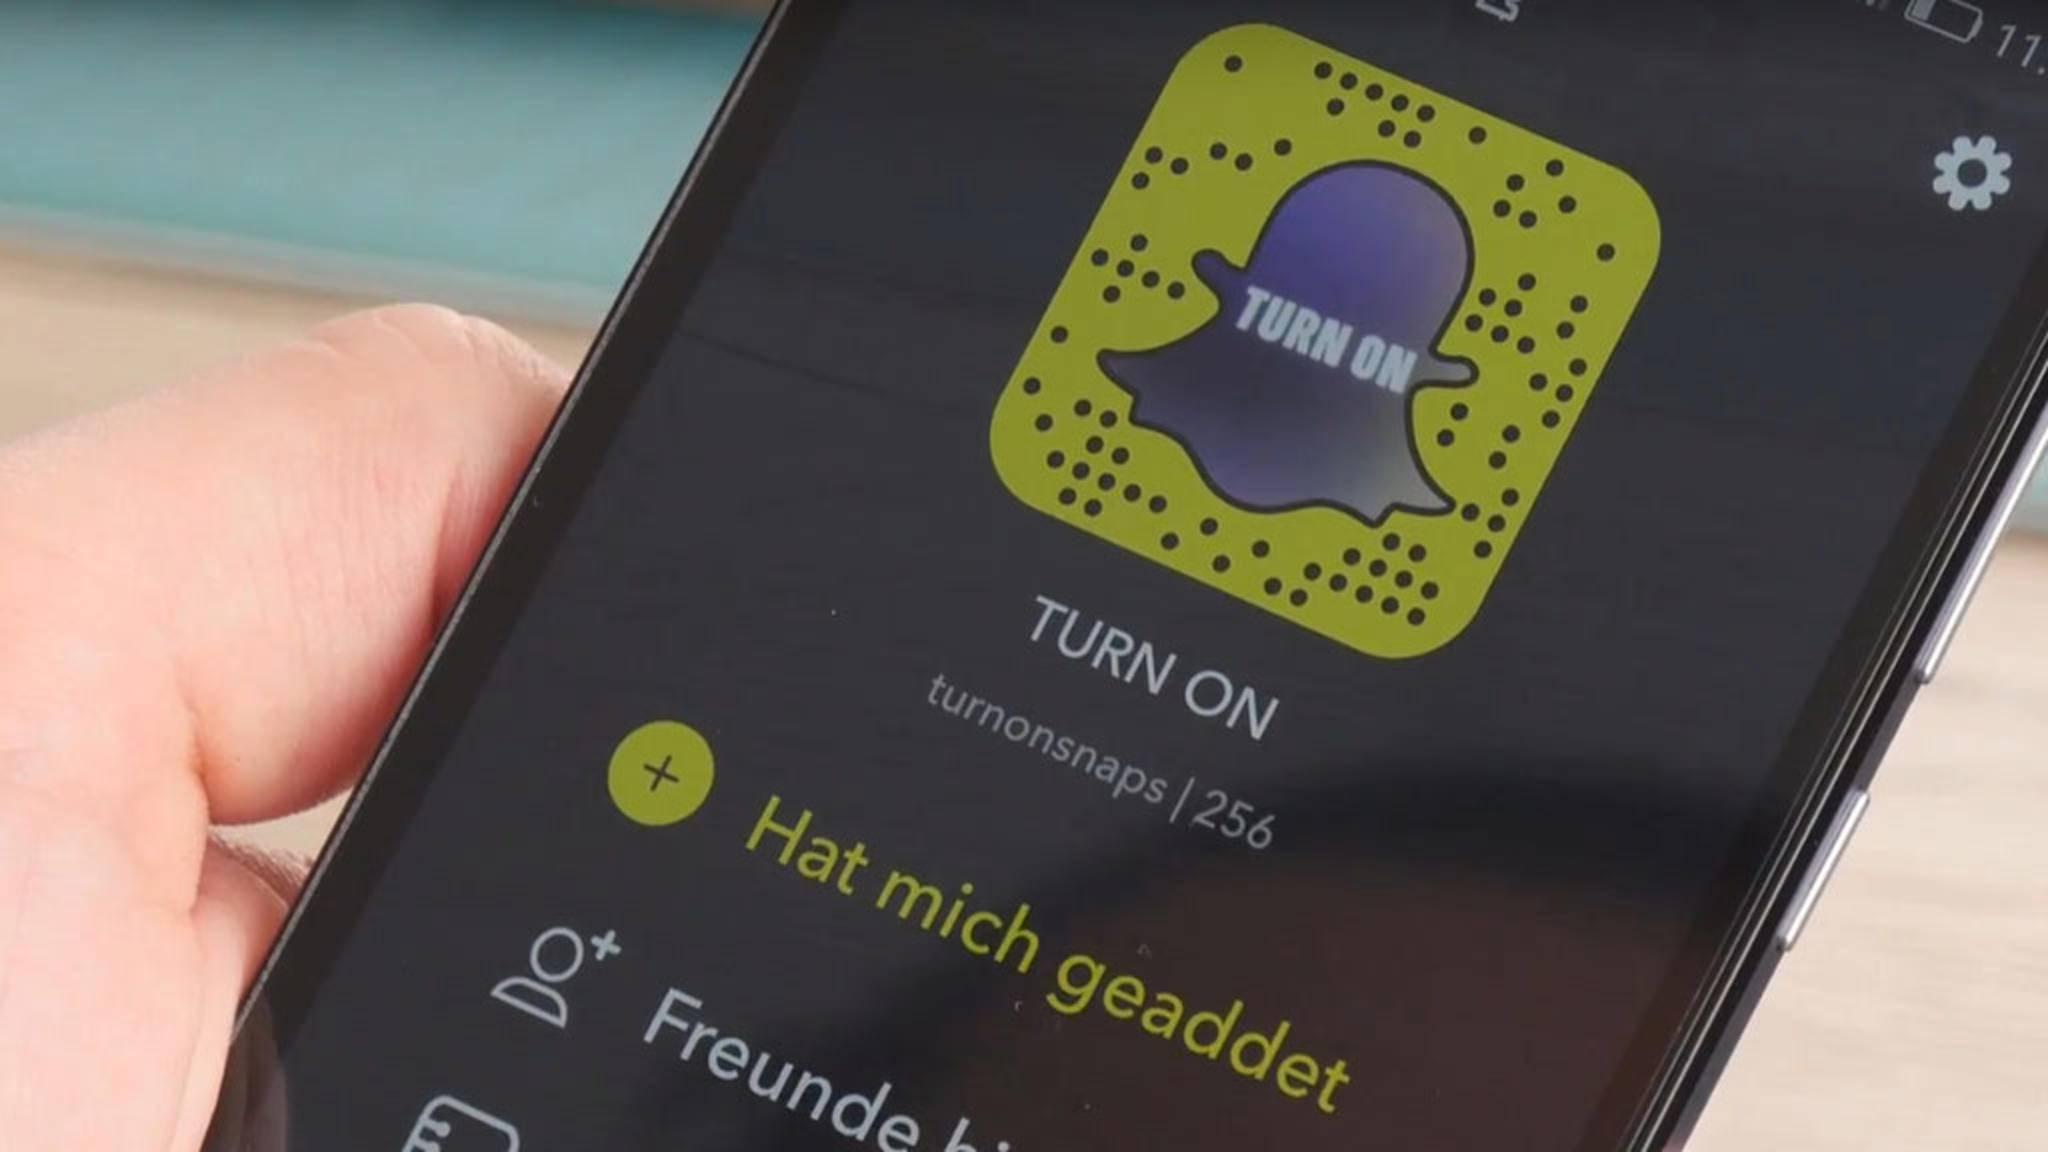 Der Displayname in Snapchat lässt sich schnell ändern.